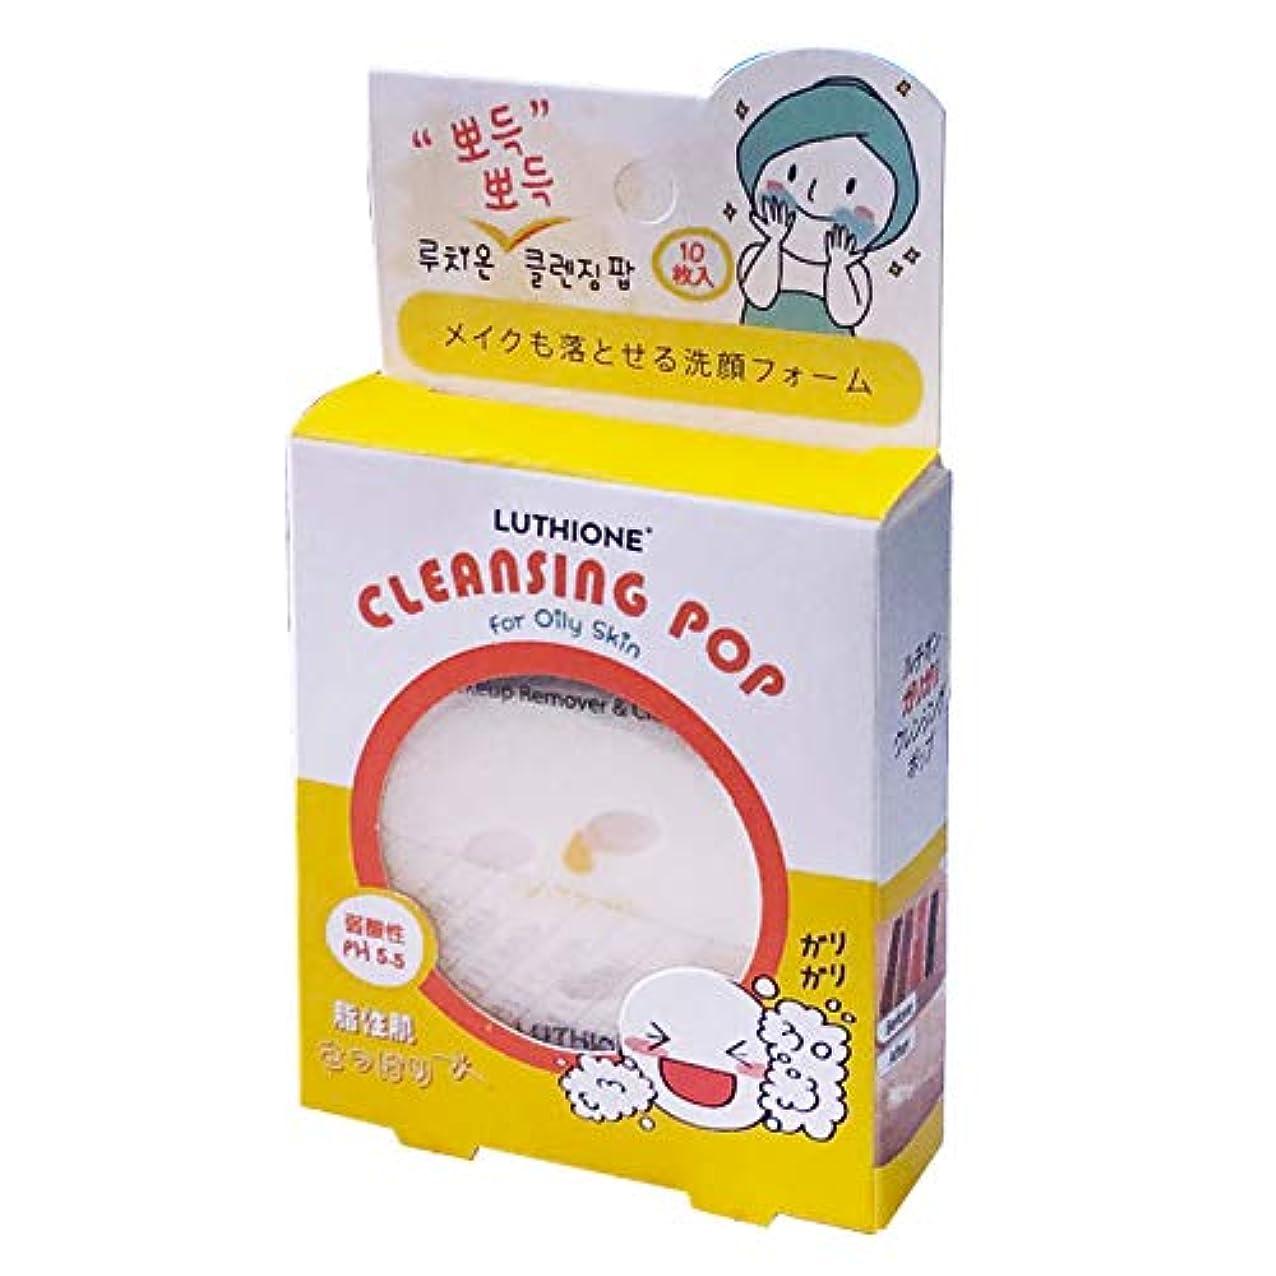 シンク実行する学生【まとめ買い】ルチオン クレンジングポップ (LUTHIONE CLEANSING POP) 脂性肌 10枚入り ×6個